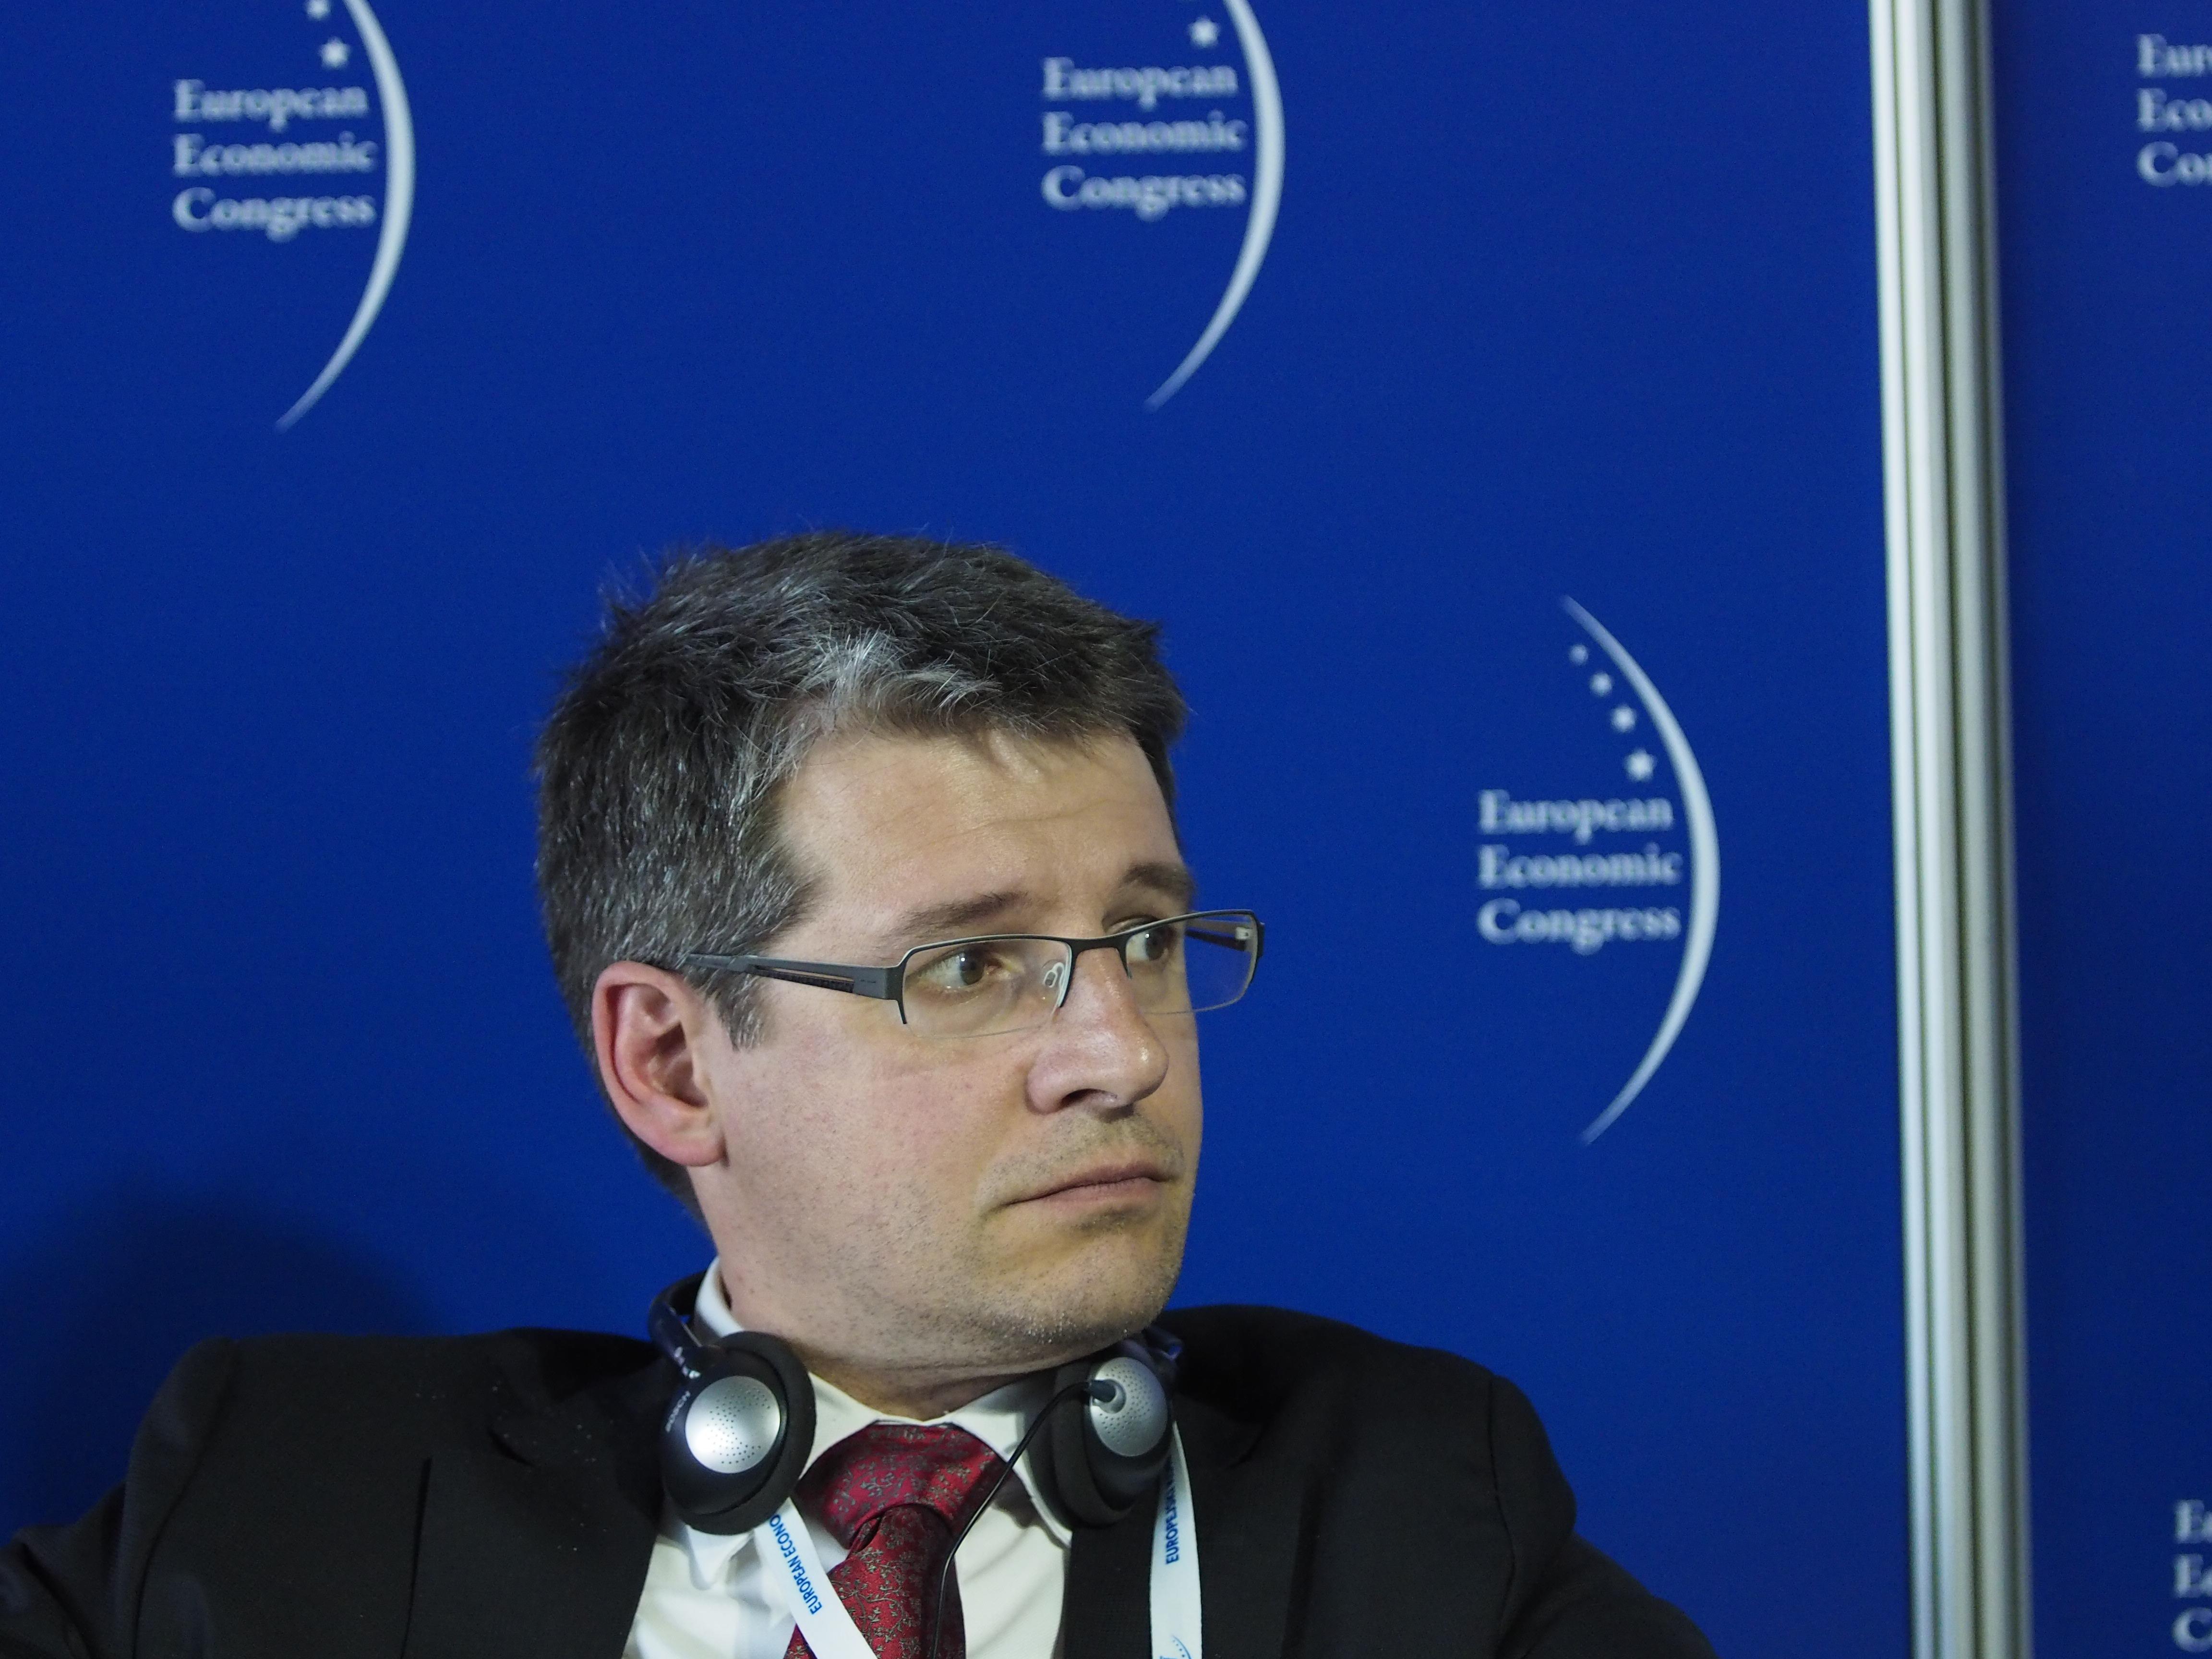 Jorge Núñez Ferrer z Centrum Studiów nad Polityką Europejską uważa, że budżet europejski jest nadal w XX wieku. Fot. PTWP